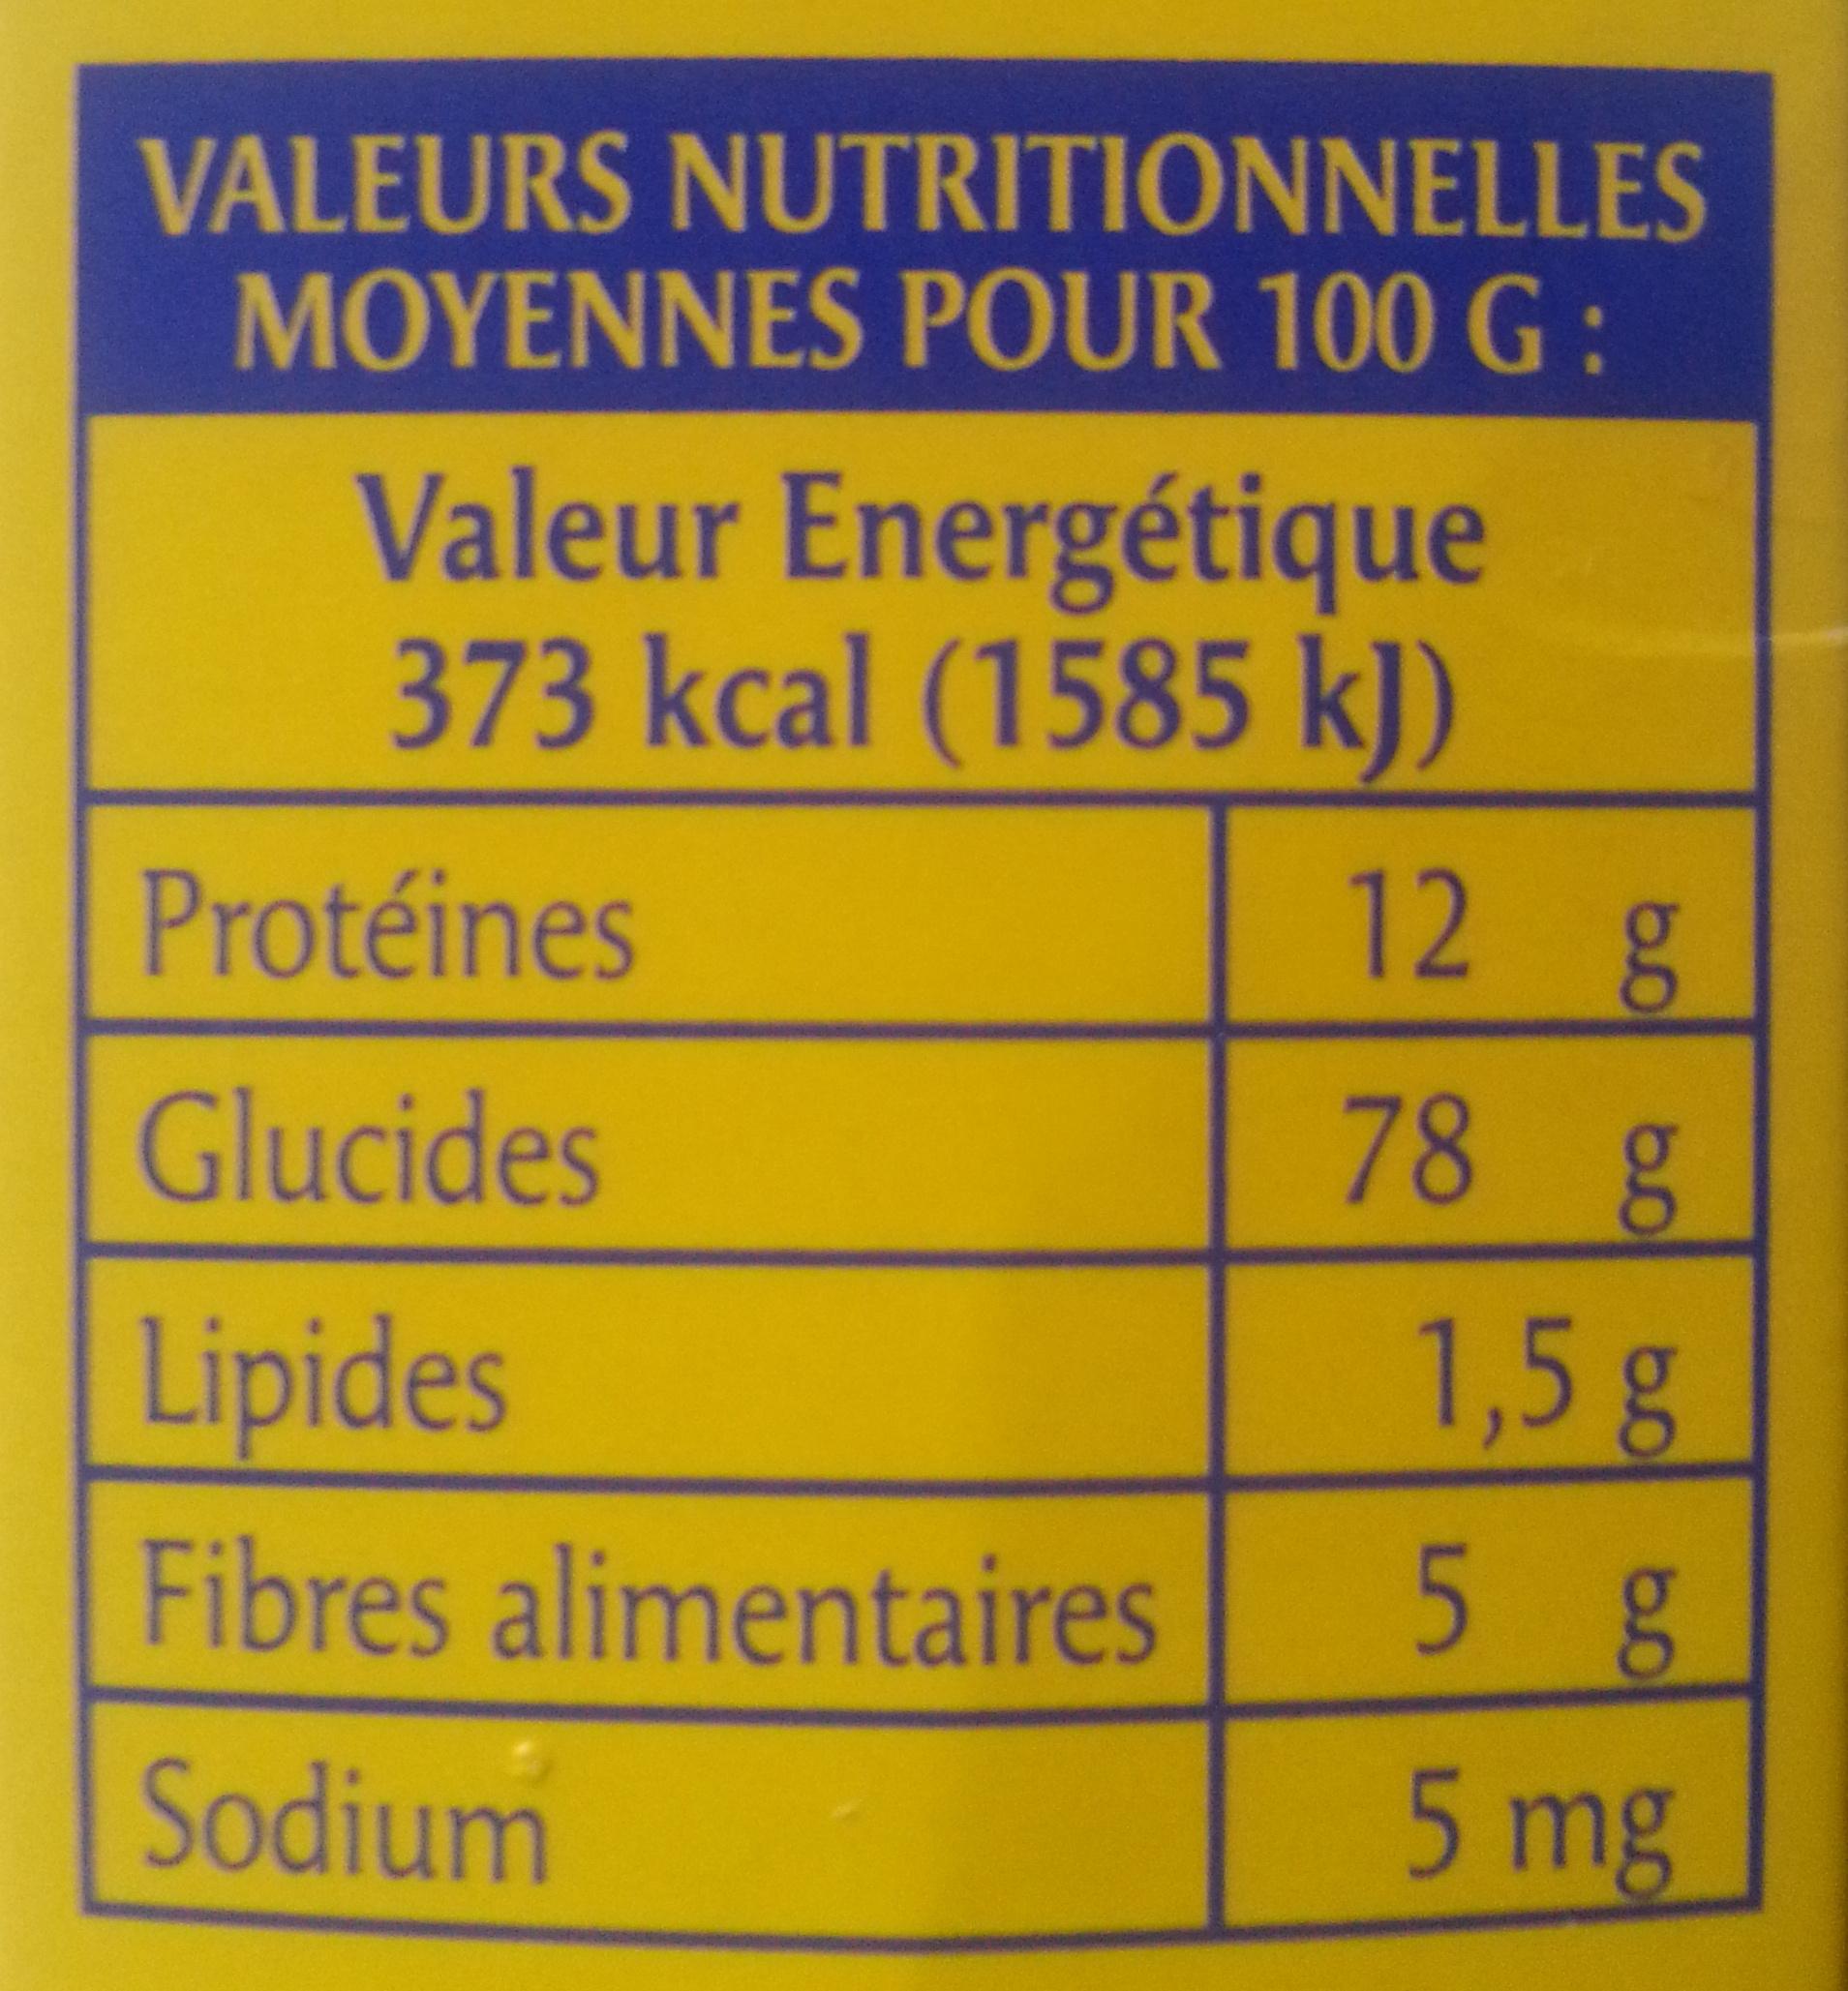 Blé précuit - Informations nutritionnelles